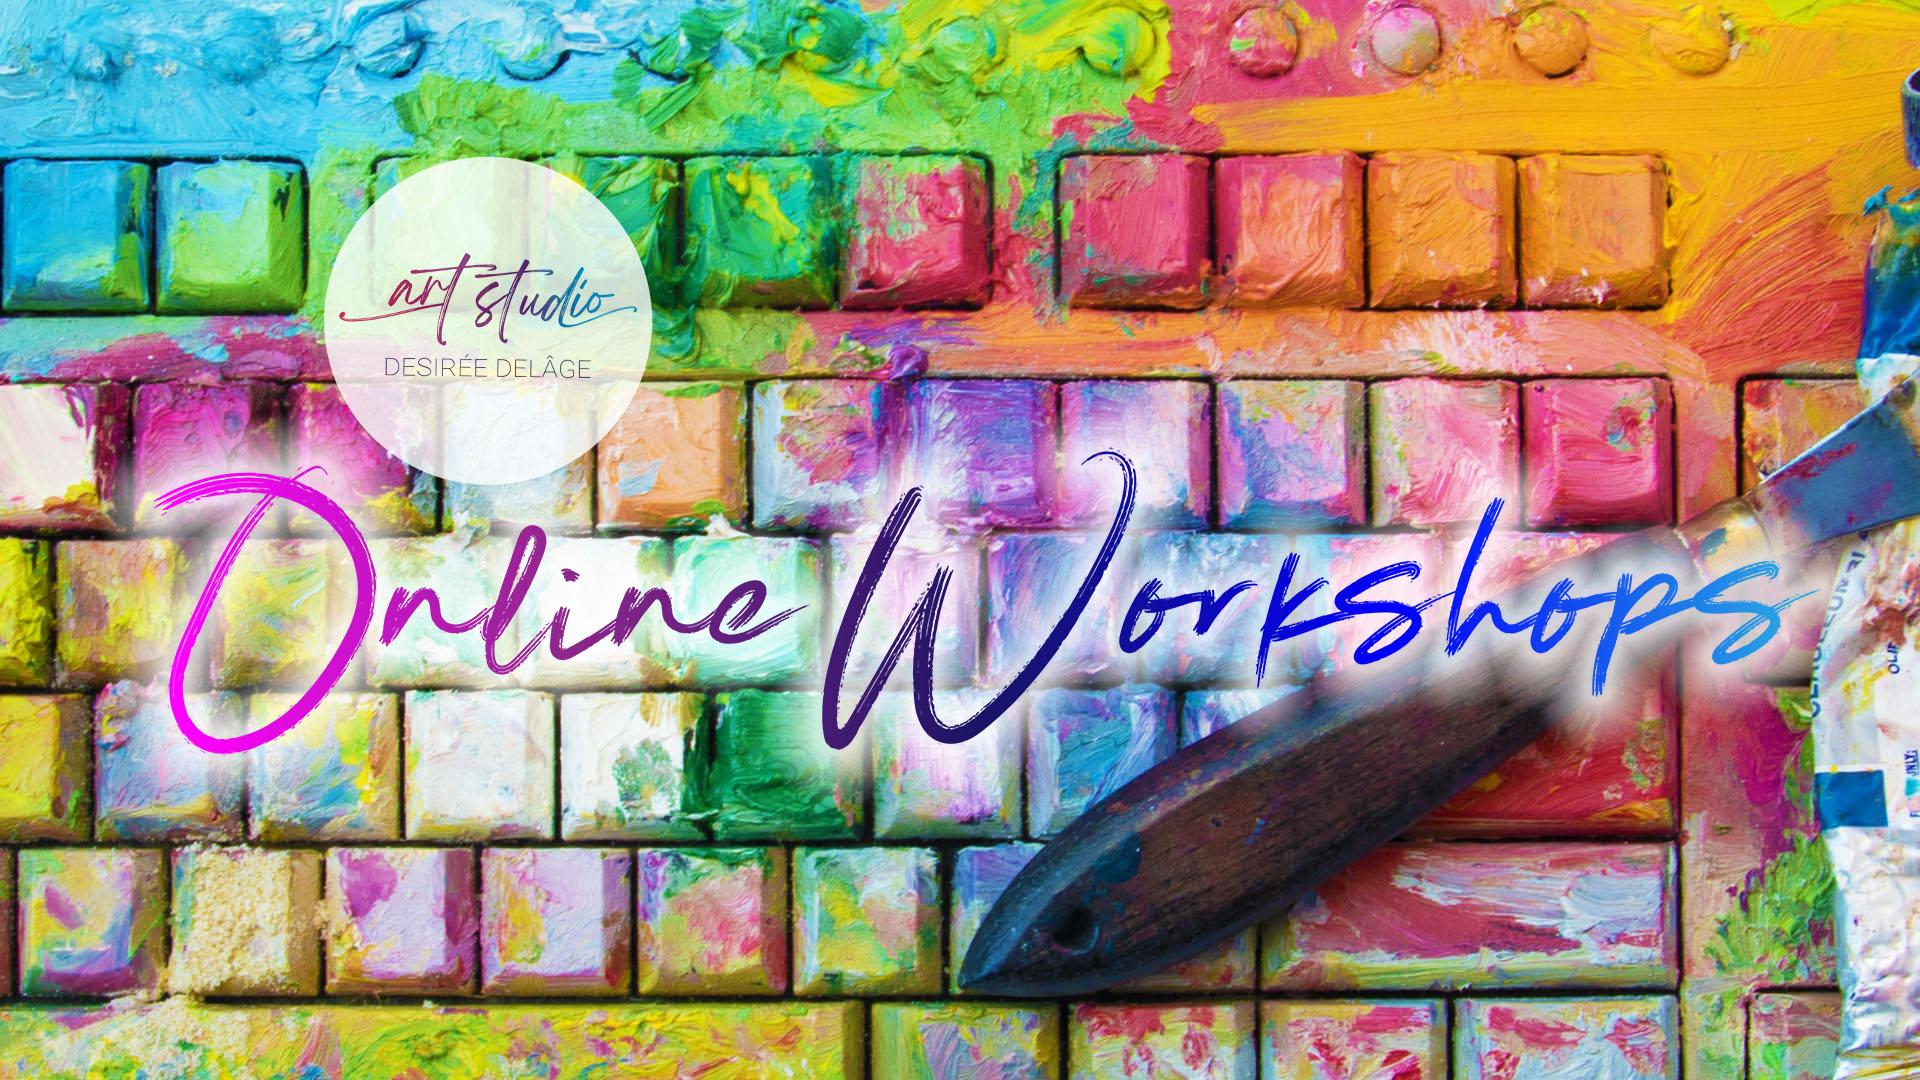 onlie Workshops zeichnen und Malen desiree delage krigelkragel